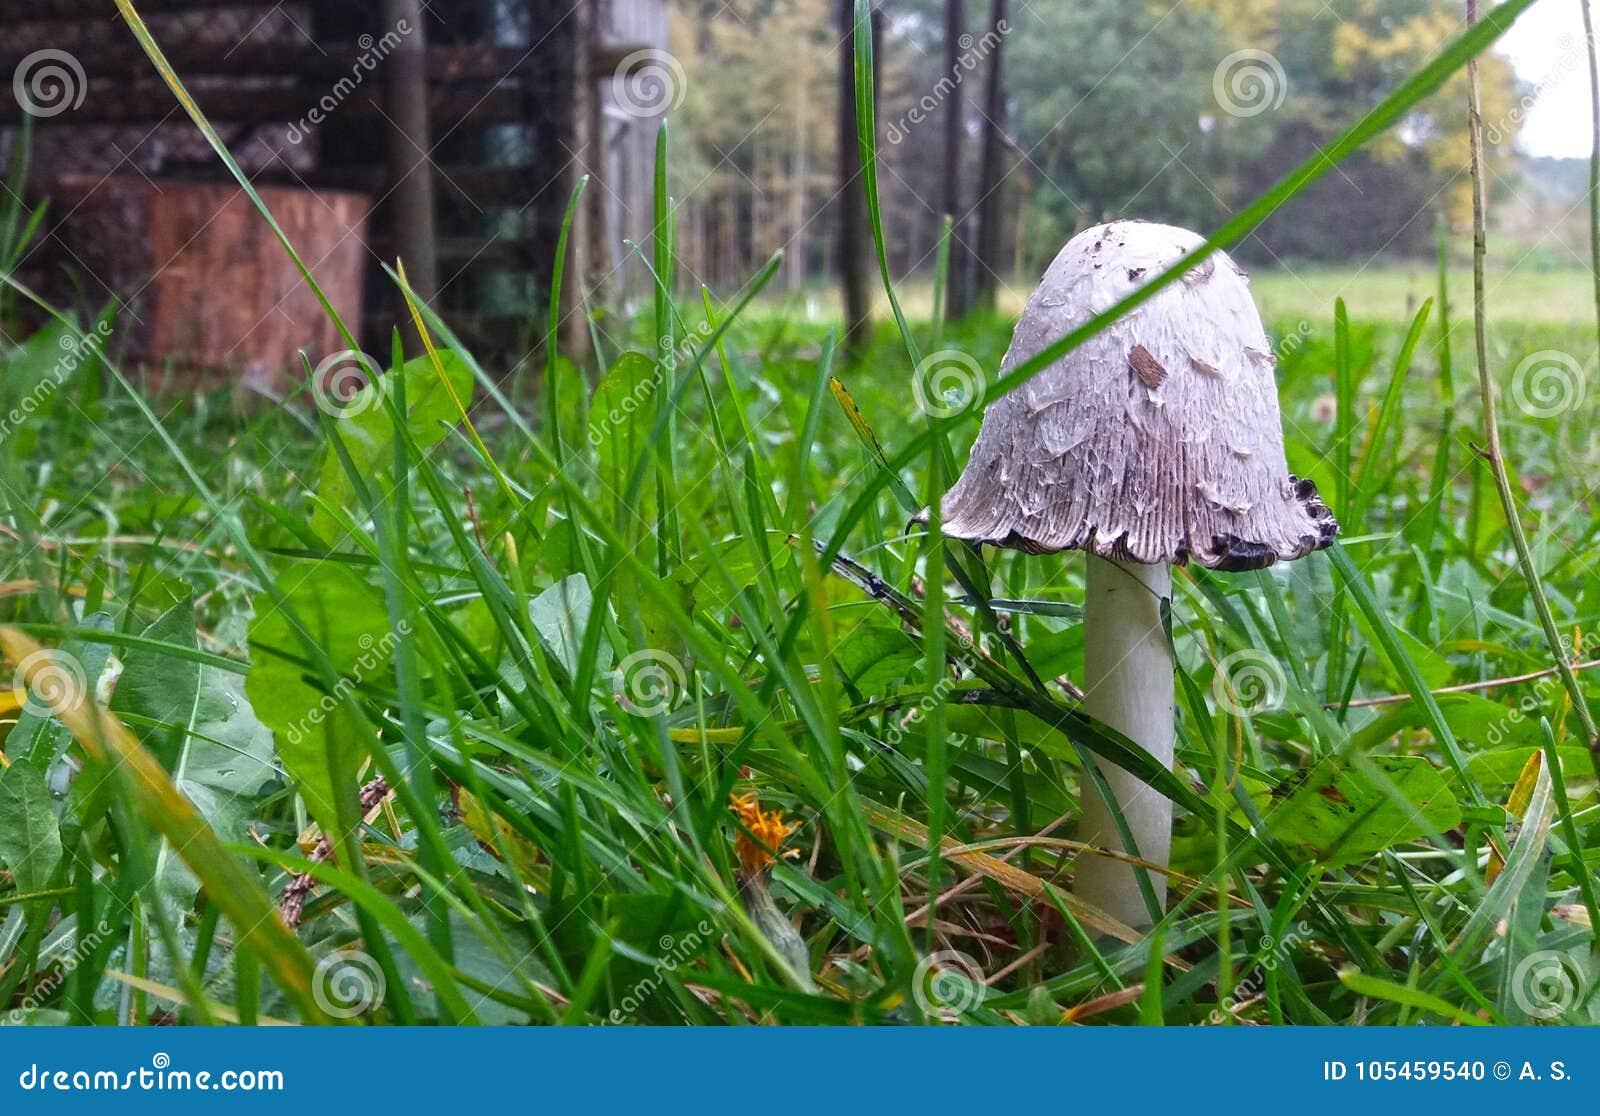 Молодое Shaggy comatus чернильного гриба крышки чернил Съестно когда детеныши